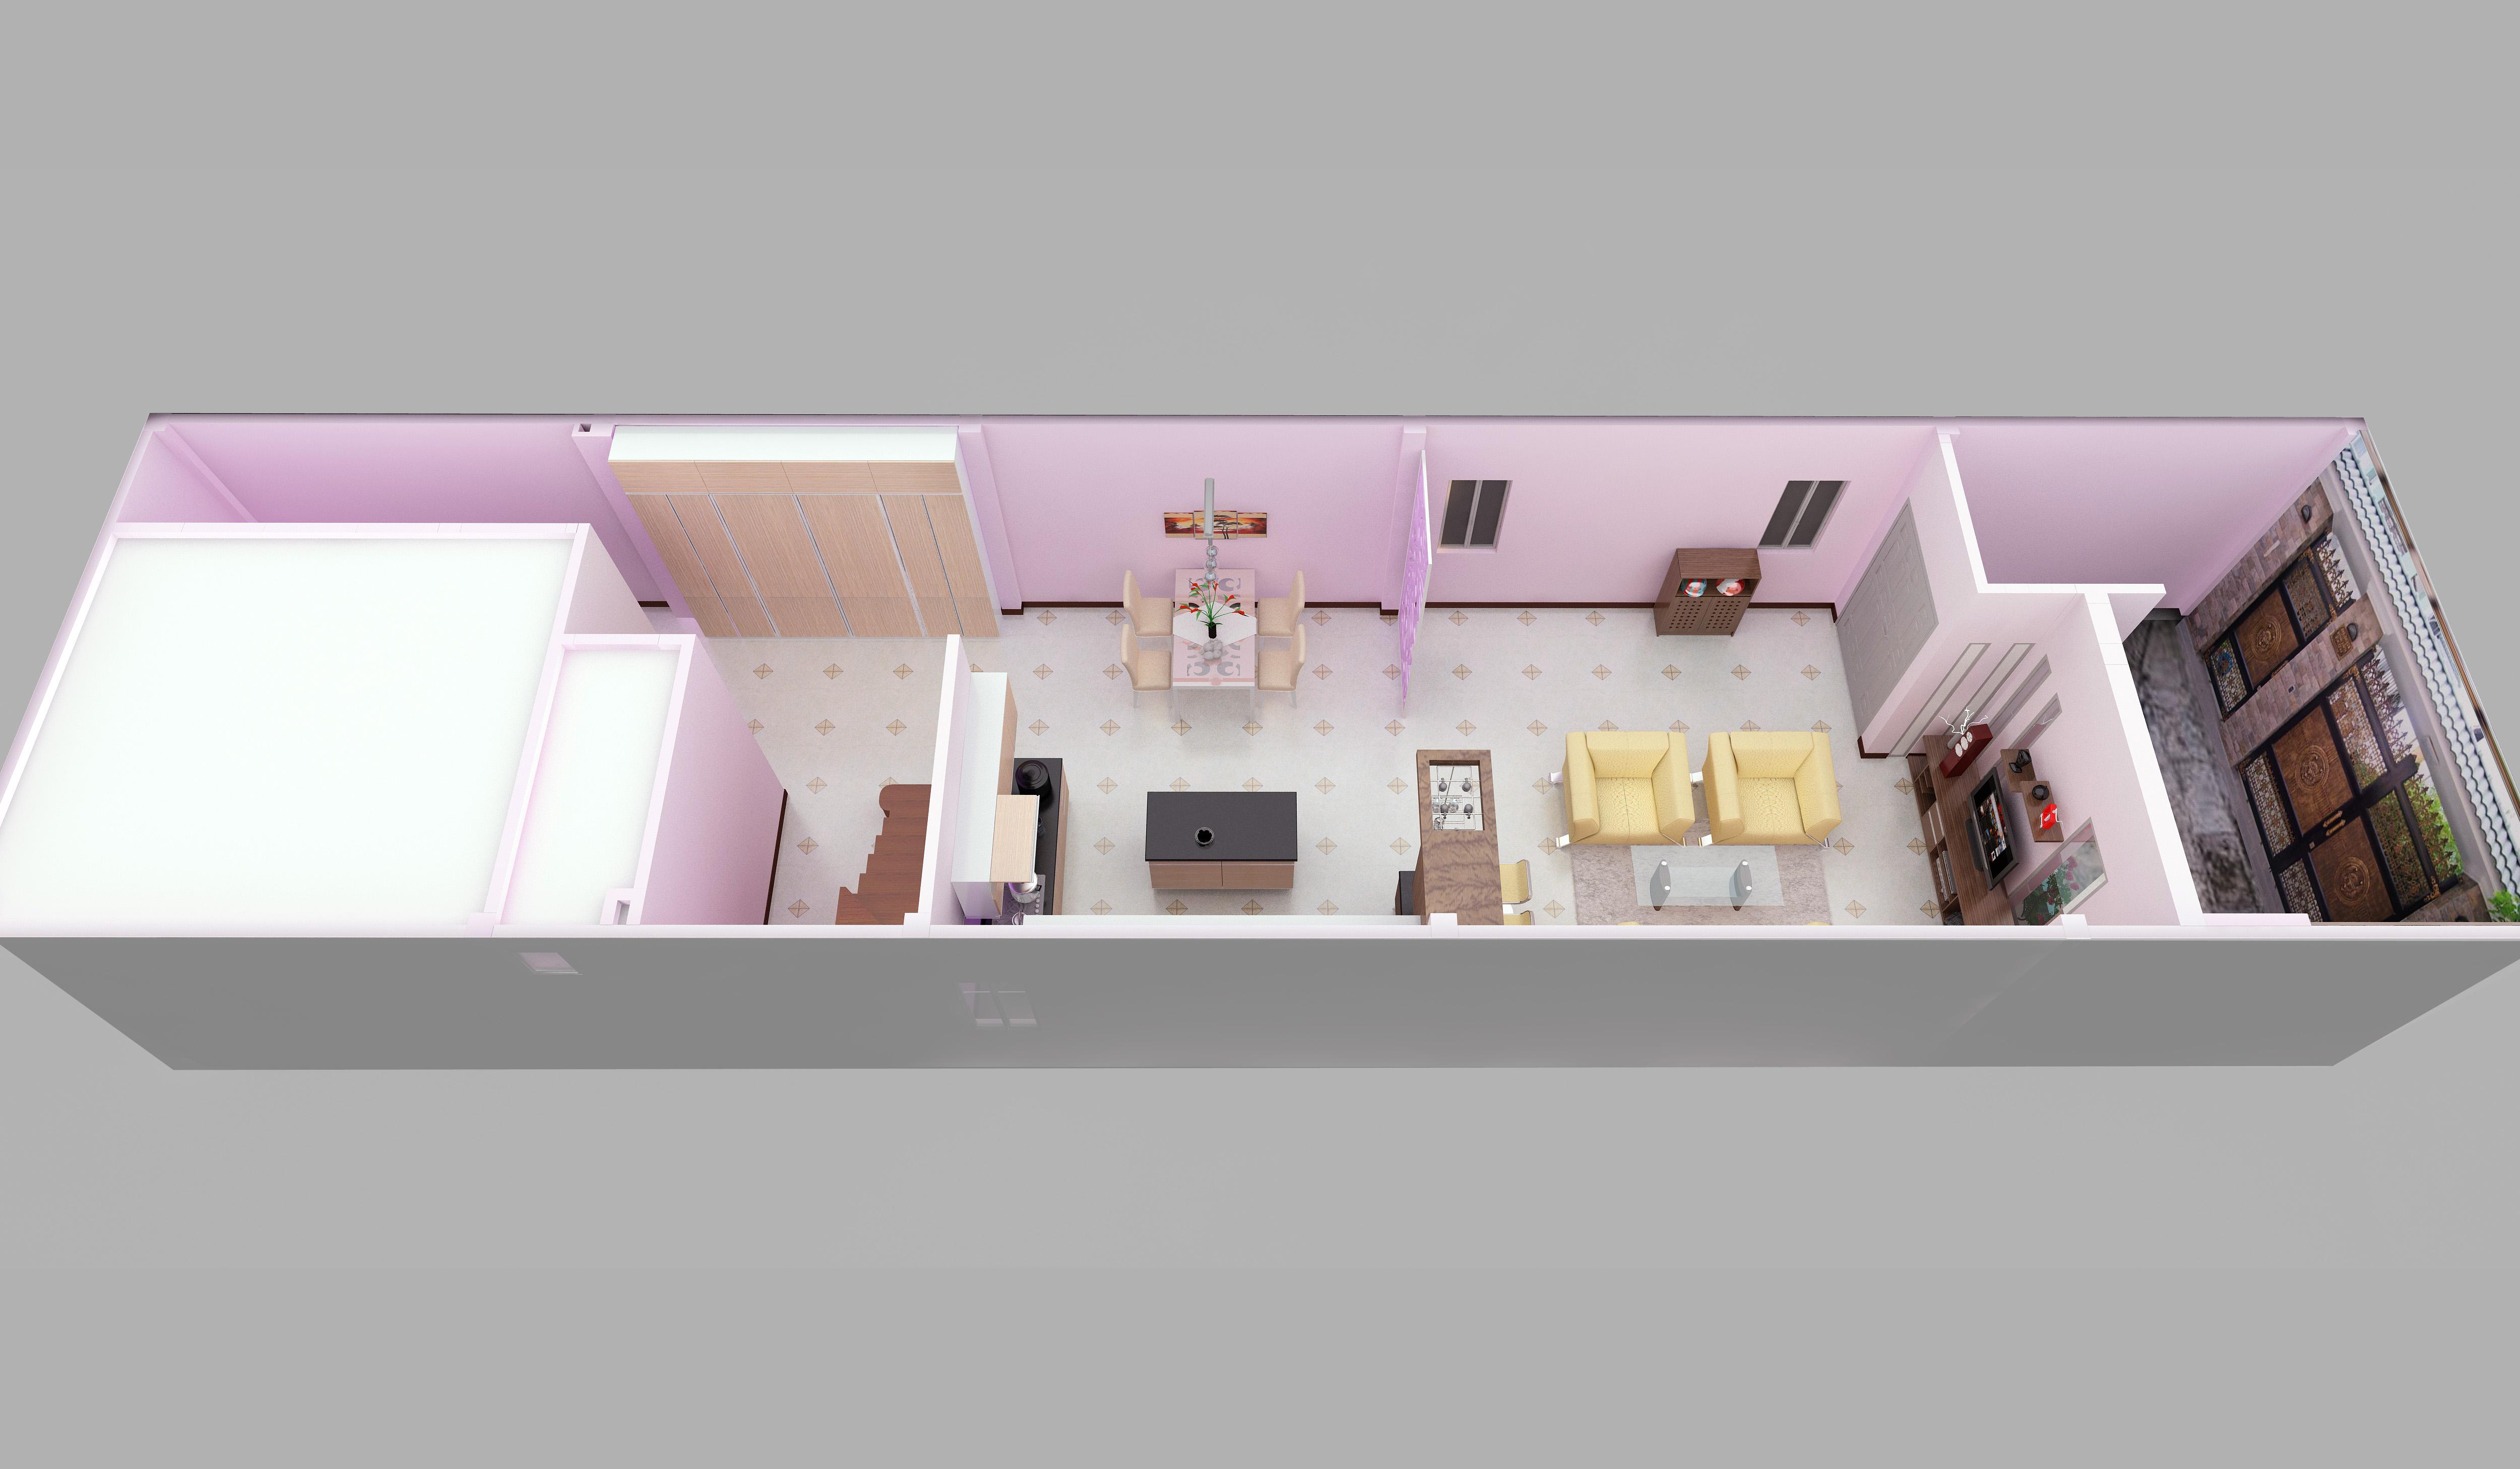 Thi công nội thất Biệt Thự hiện đại